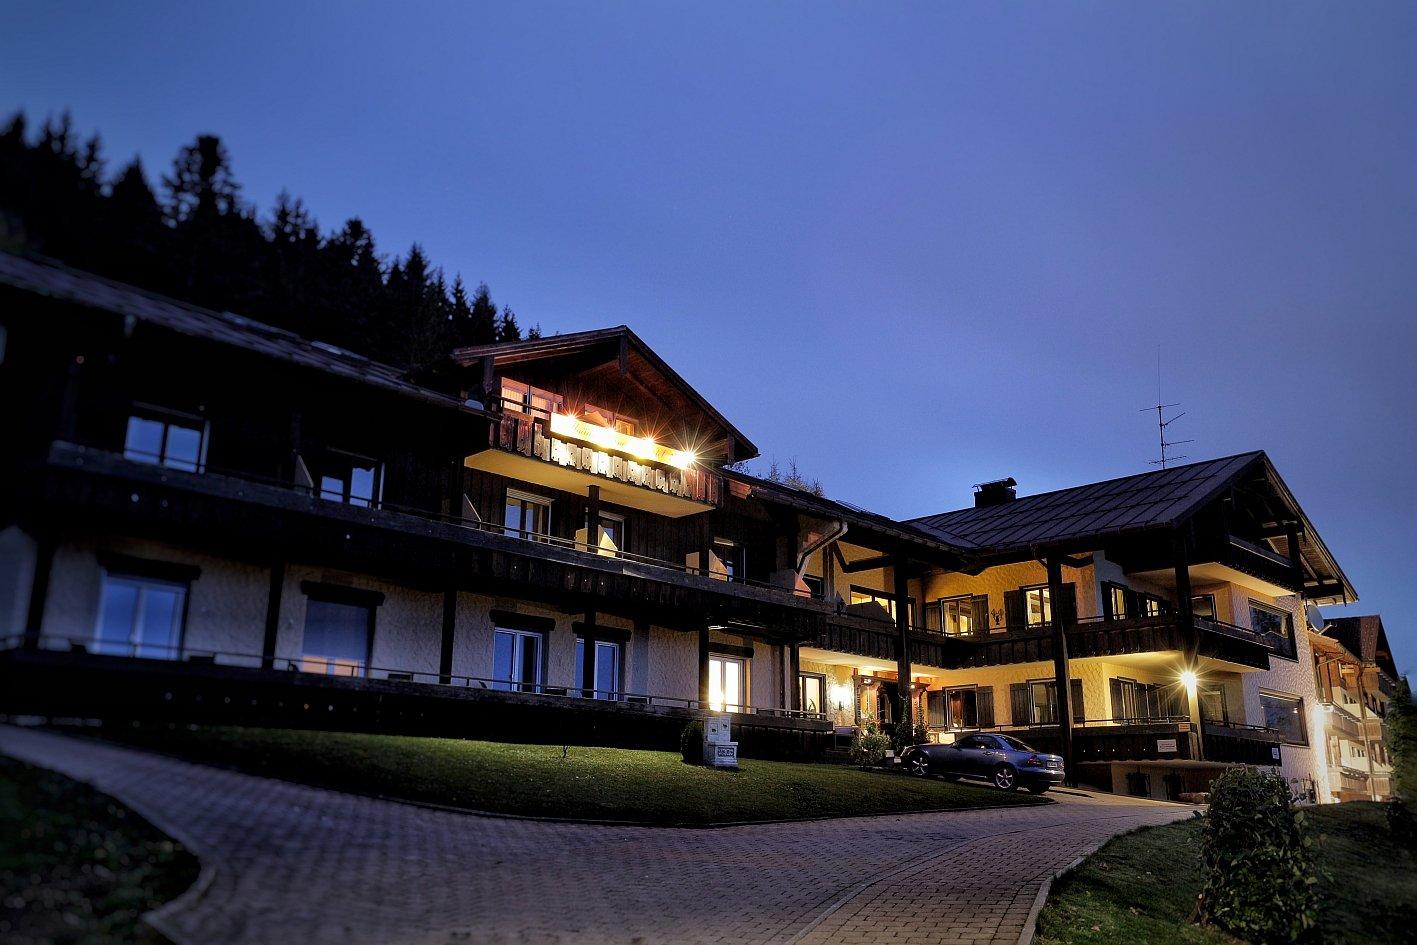 Allgauer Panoramahotel